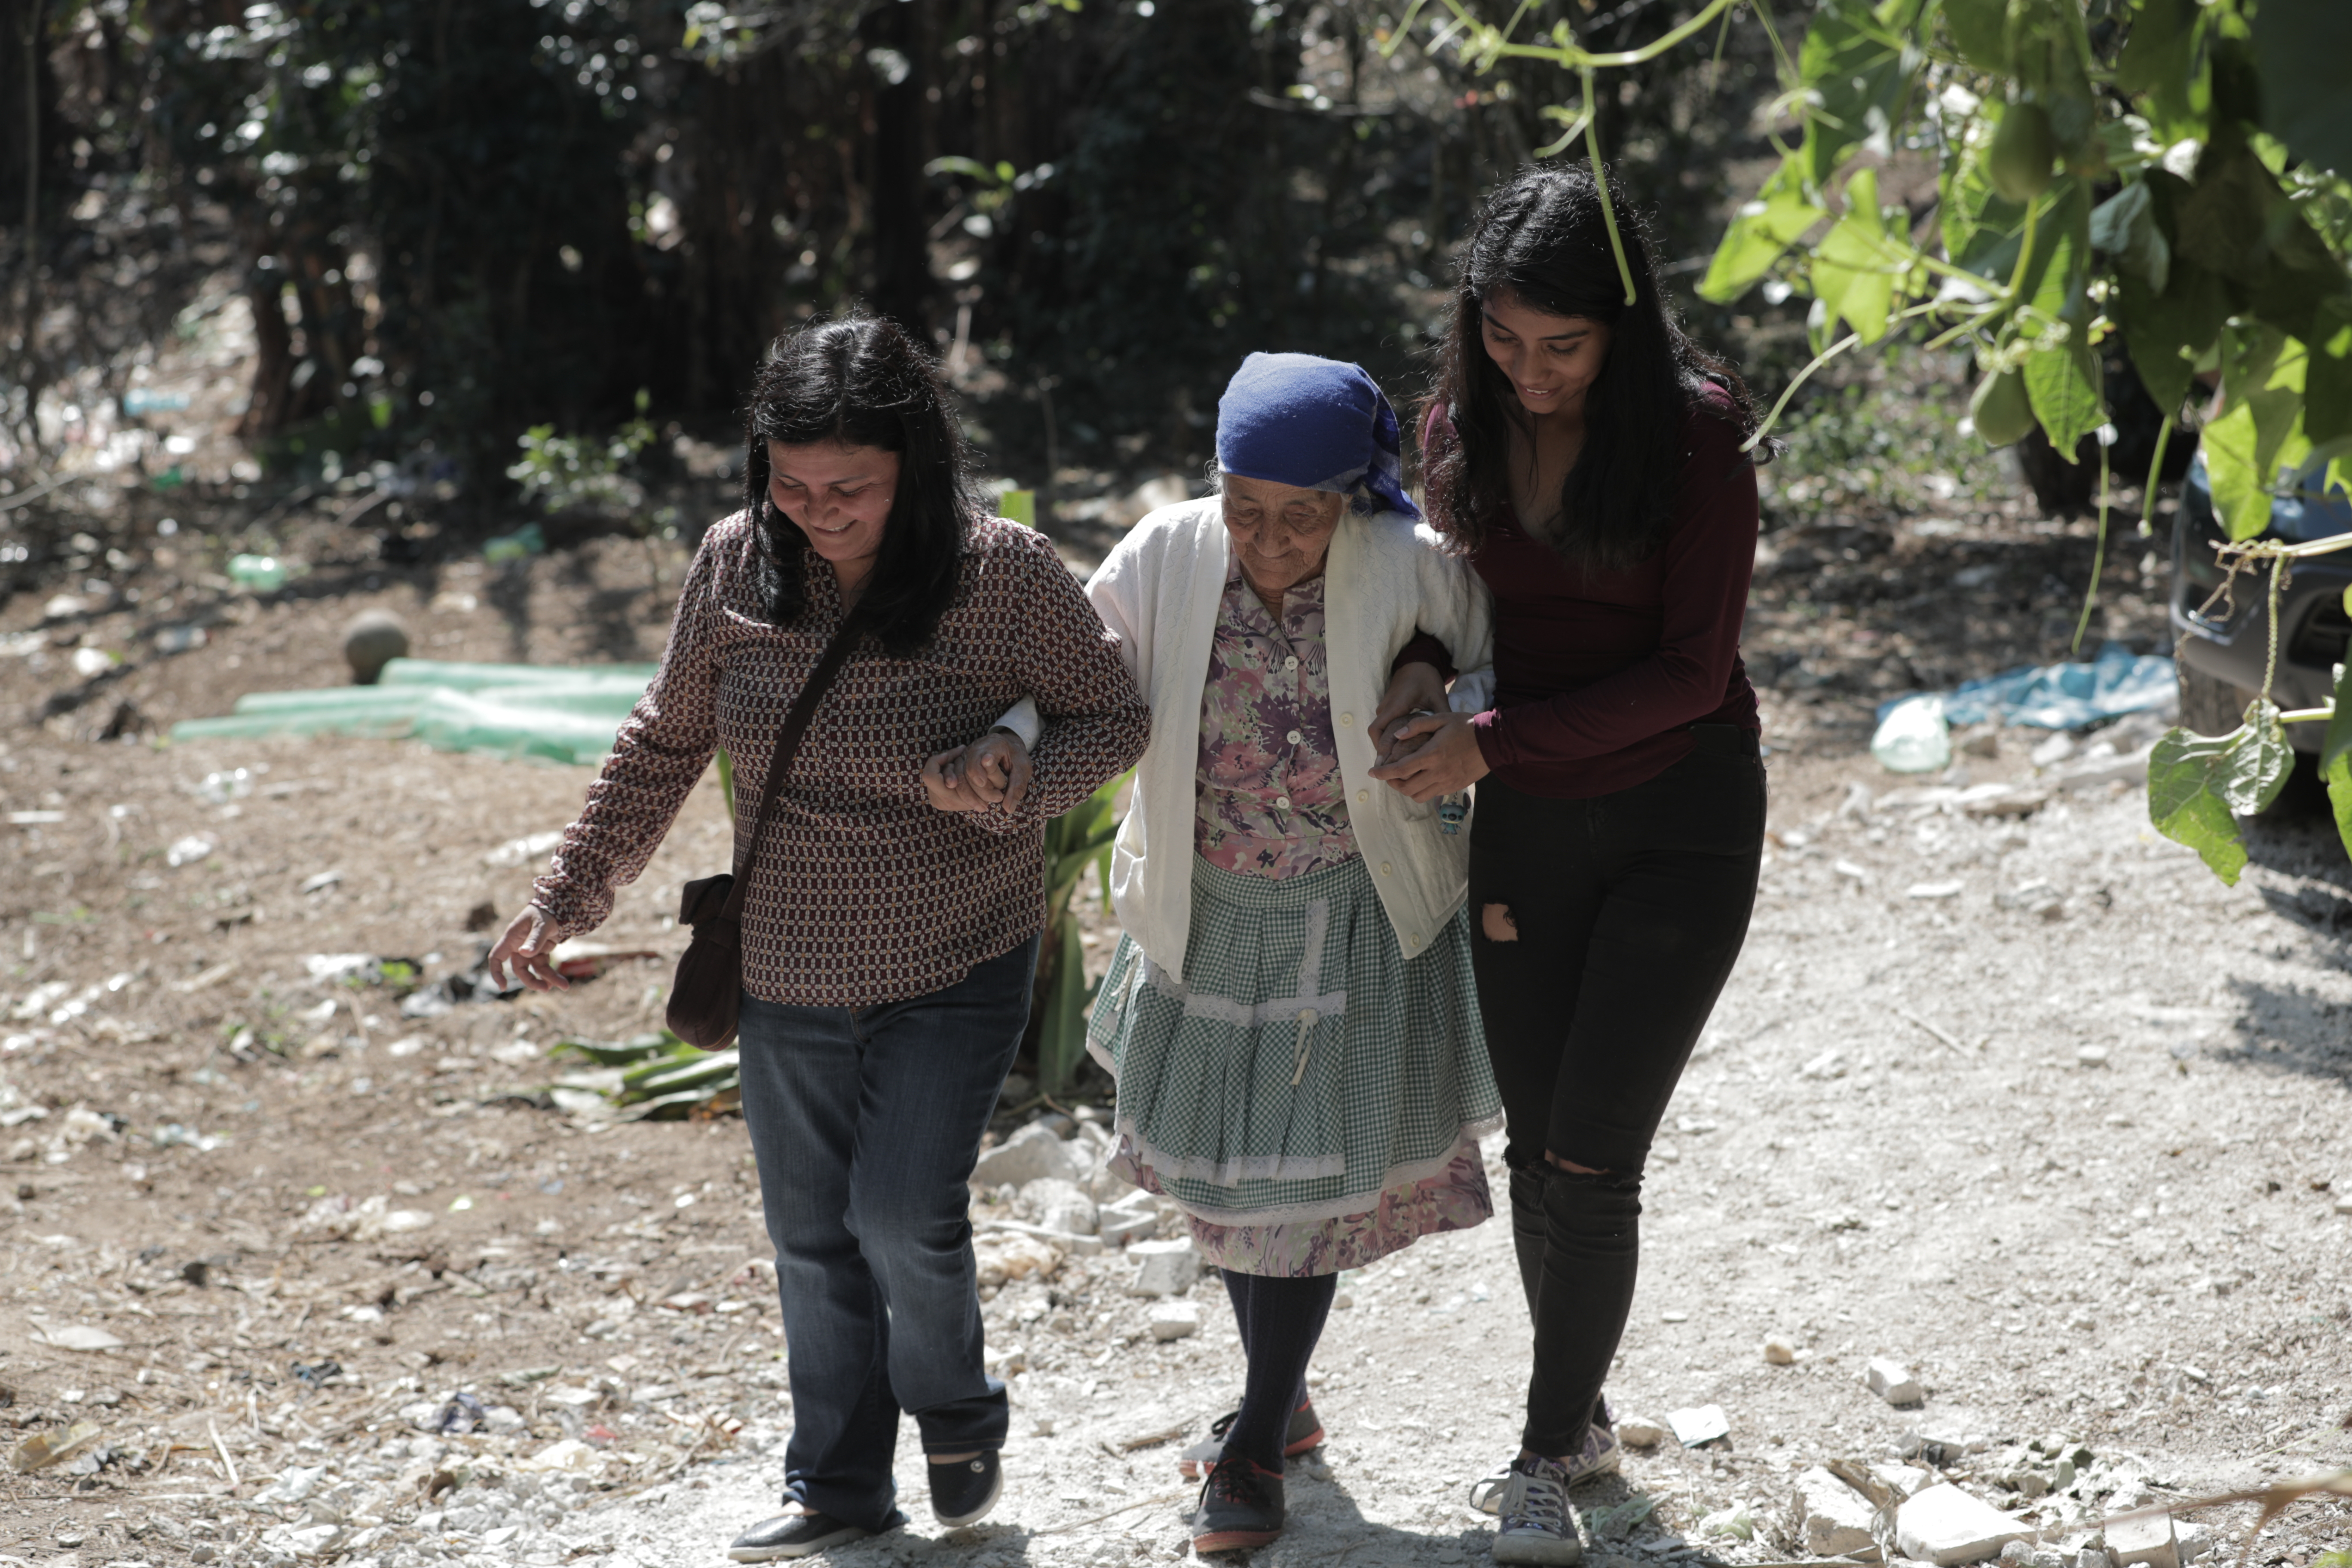 Con víveres y una cena especial Maryam de León cumplió el sueño de doña Dora Herrera, una mujer que vive sola y afronta problemas económicos. (Foto Prensa Libre: Álvaro González)